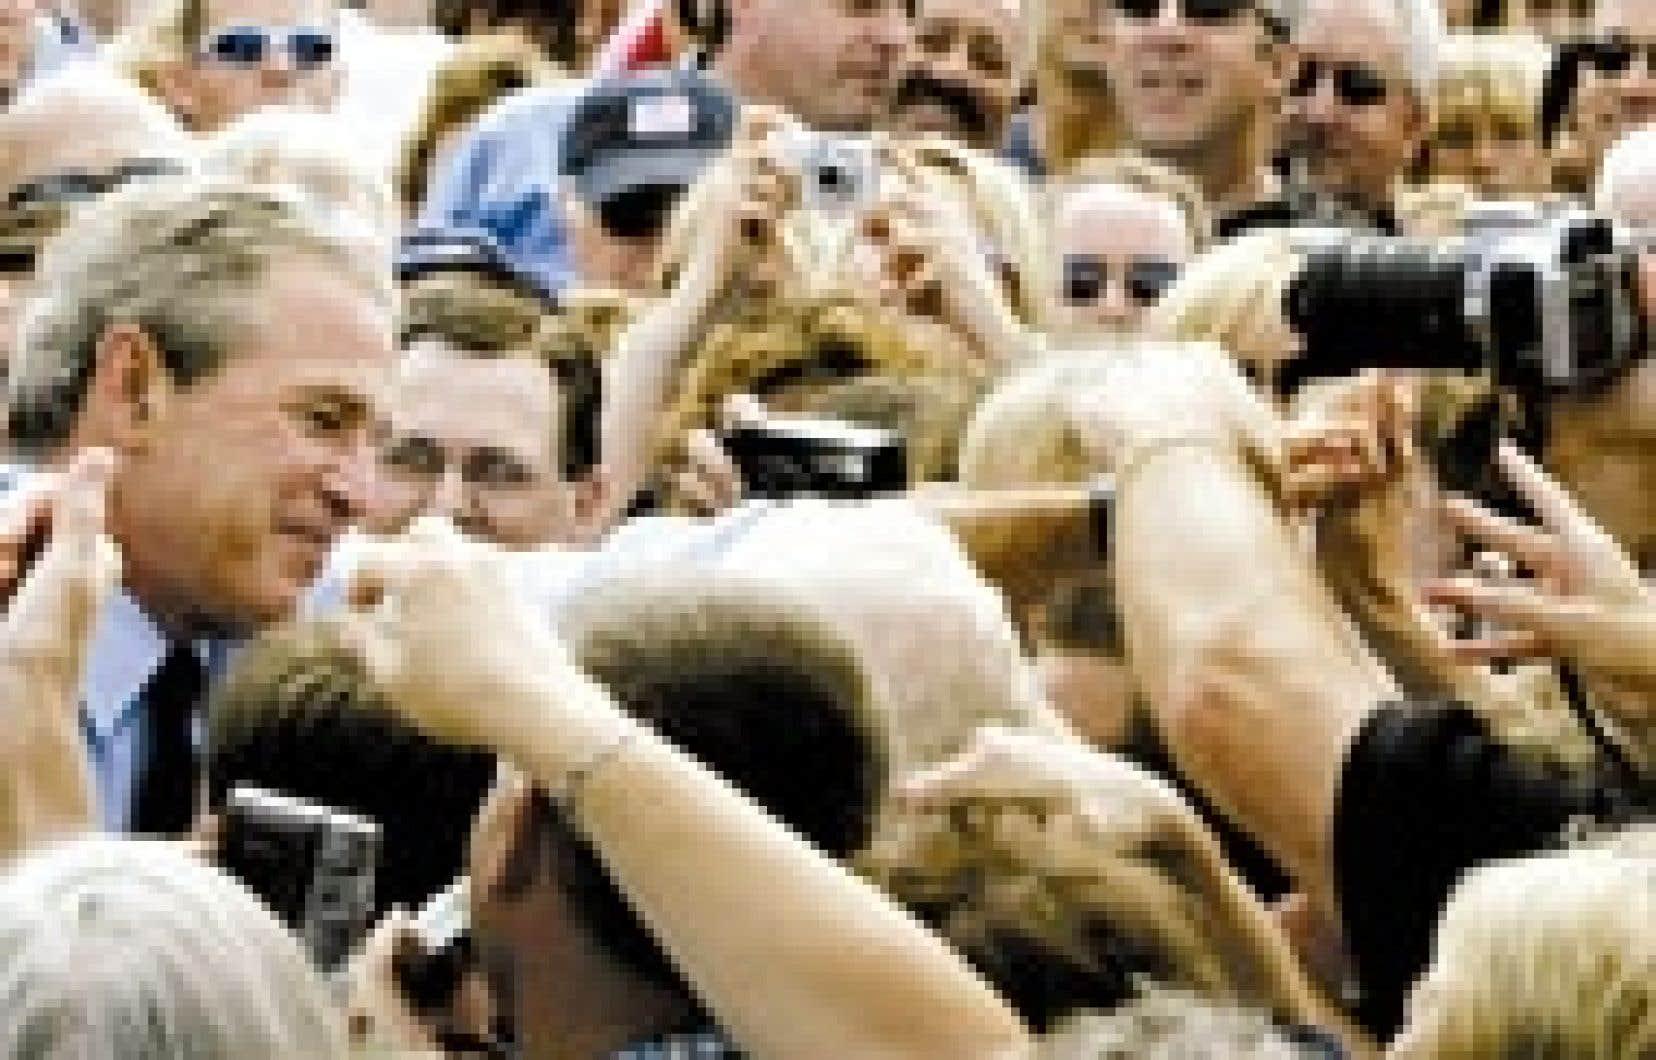 Dans sa dernière intervention radiophonique hebdomadaire, le président Bush, qui faisait campagne hier au Wisconsin, avait affirmé que son objectif était de protéger «l'institution la plus fondamentale de la civilisation».